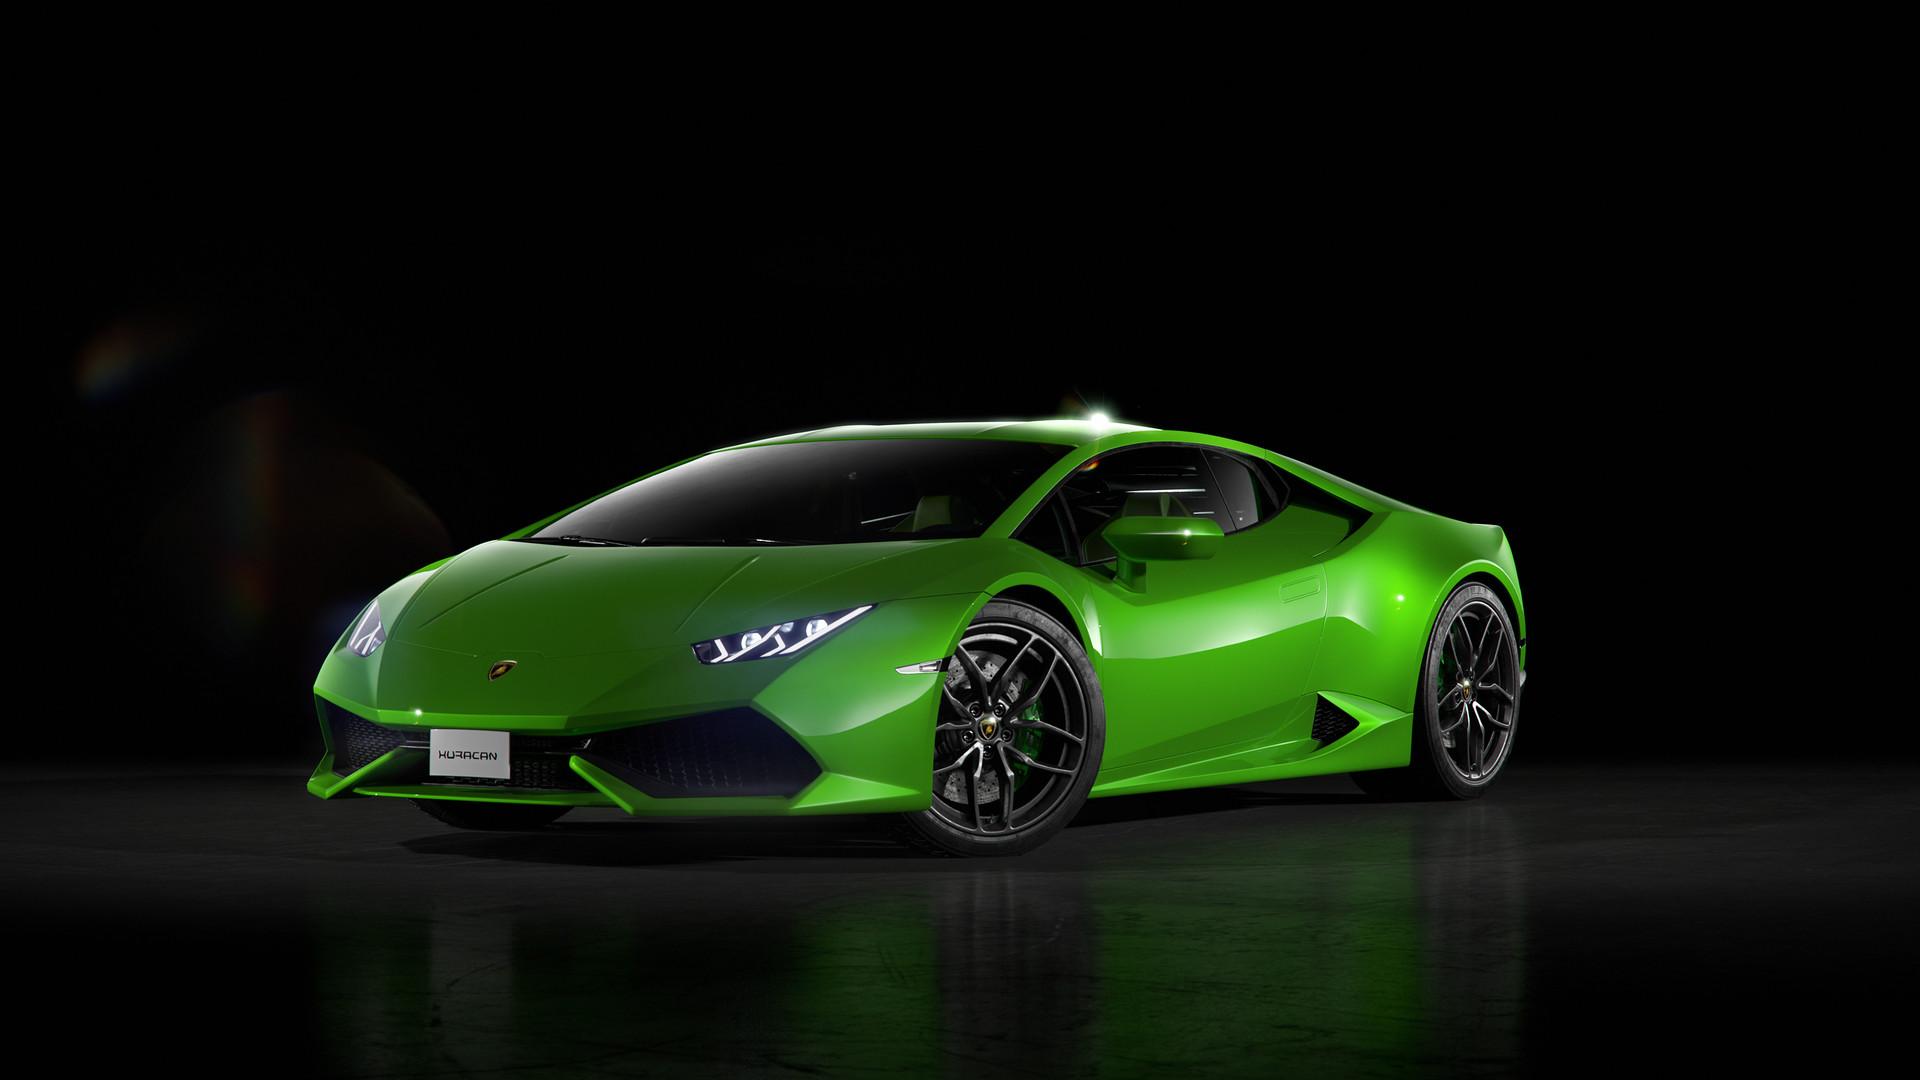 Sports Car Wallpaper Lamborghini 3d 3840x2160 Green Lamborghini Huracan Front 4k Hd 4k